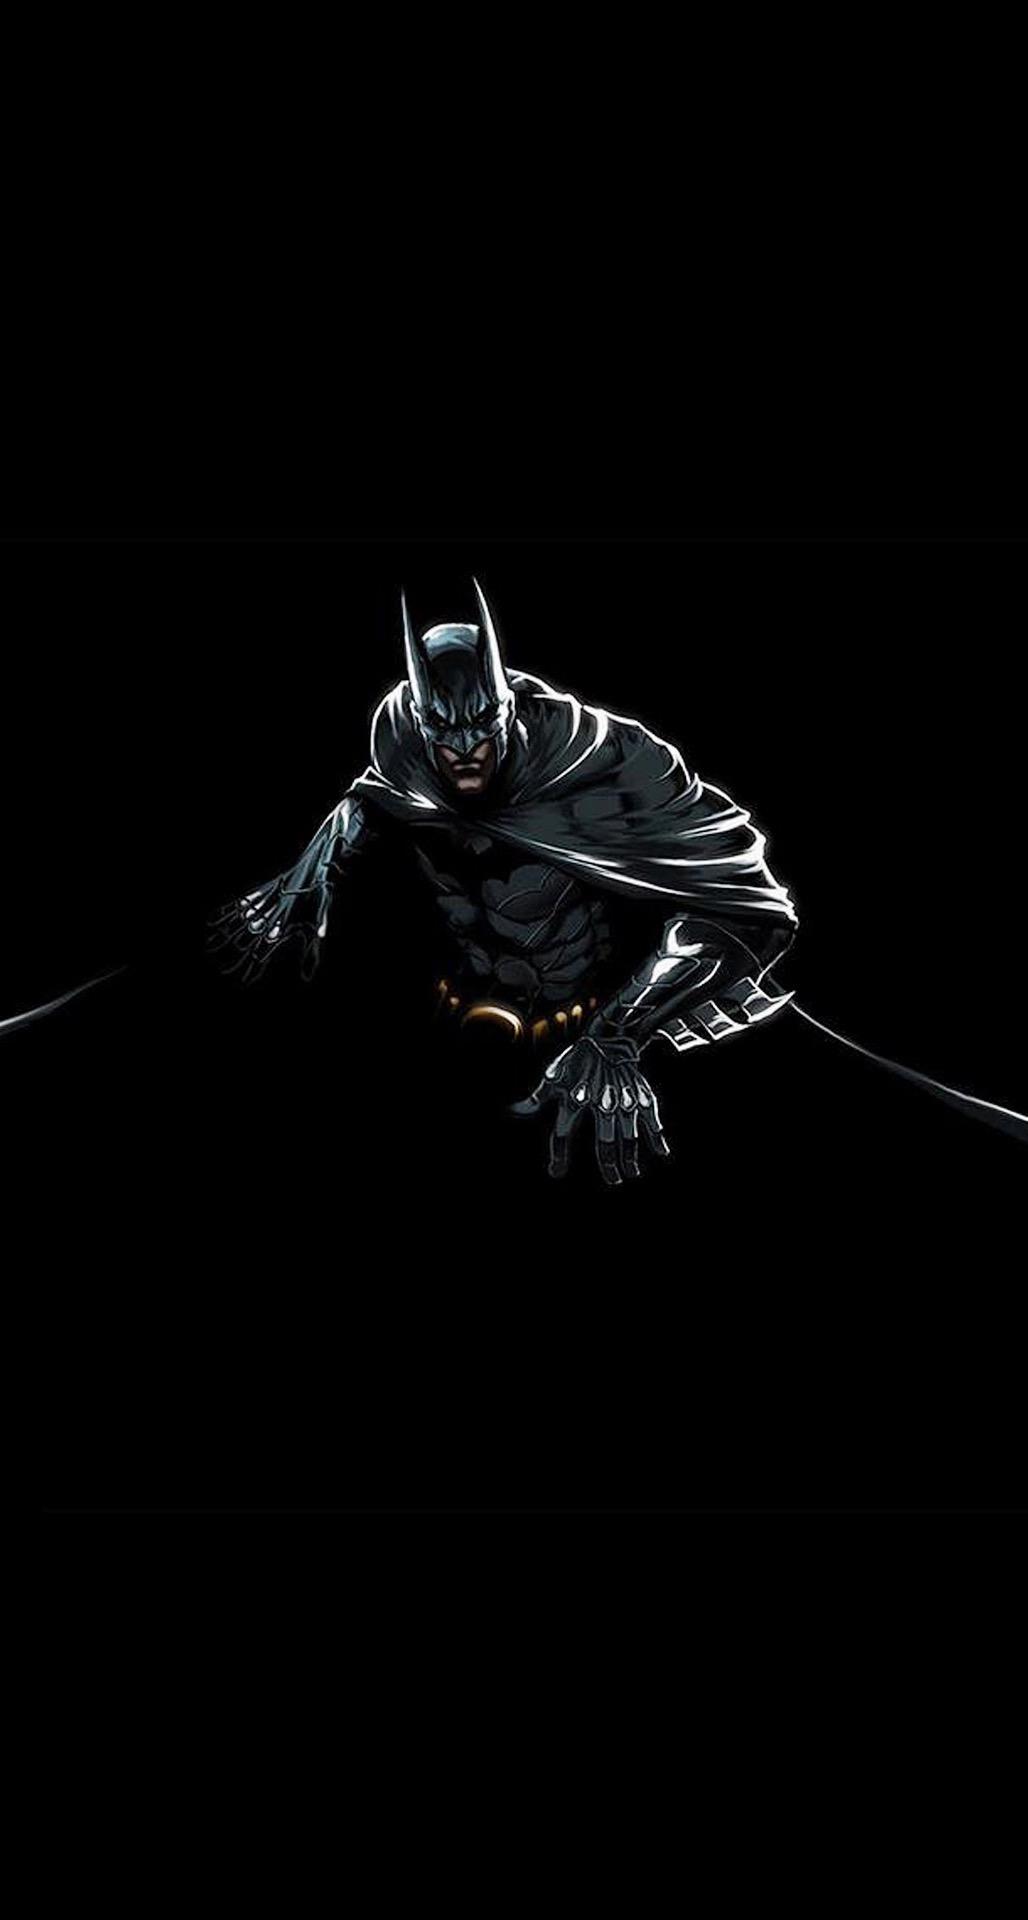 Batman Hd Wallpaper For Iphone Wallpapersafari